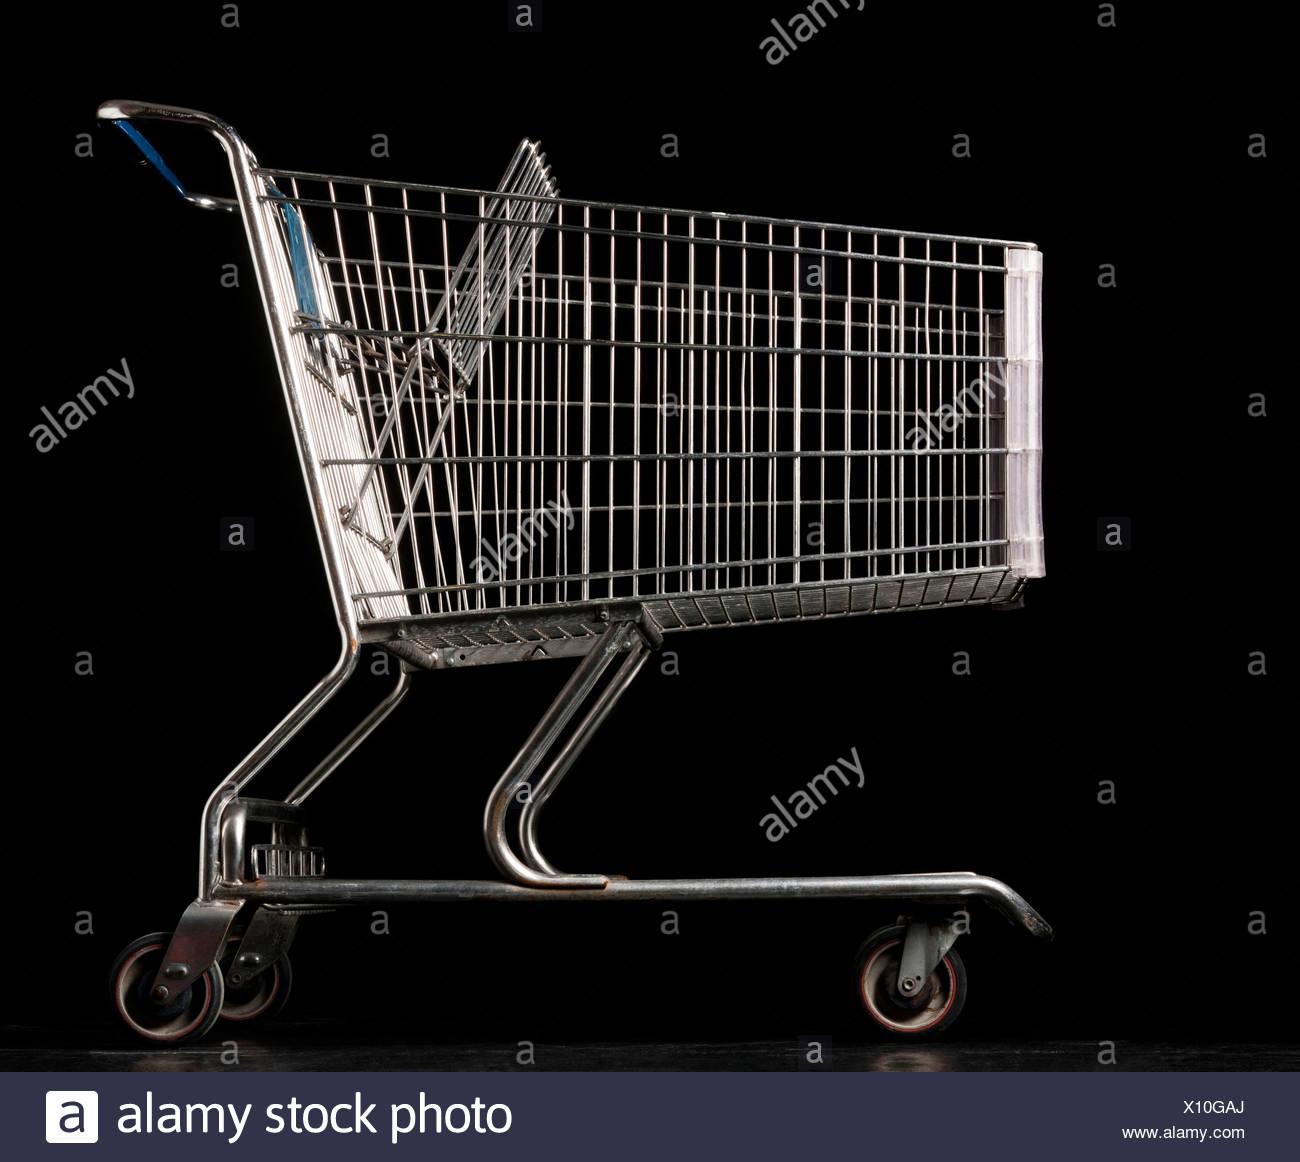 Carrello spesa, vista laterale Immagini Stock